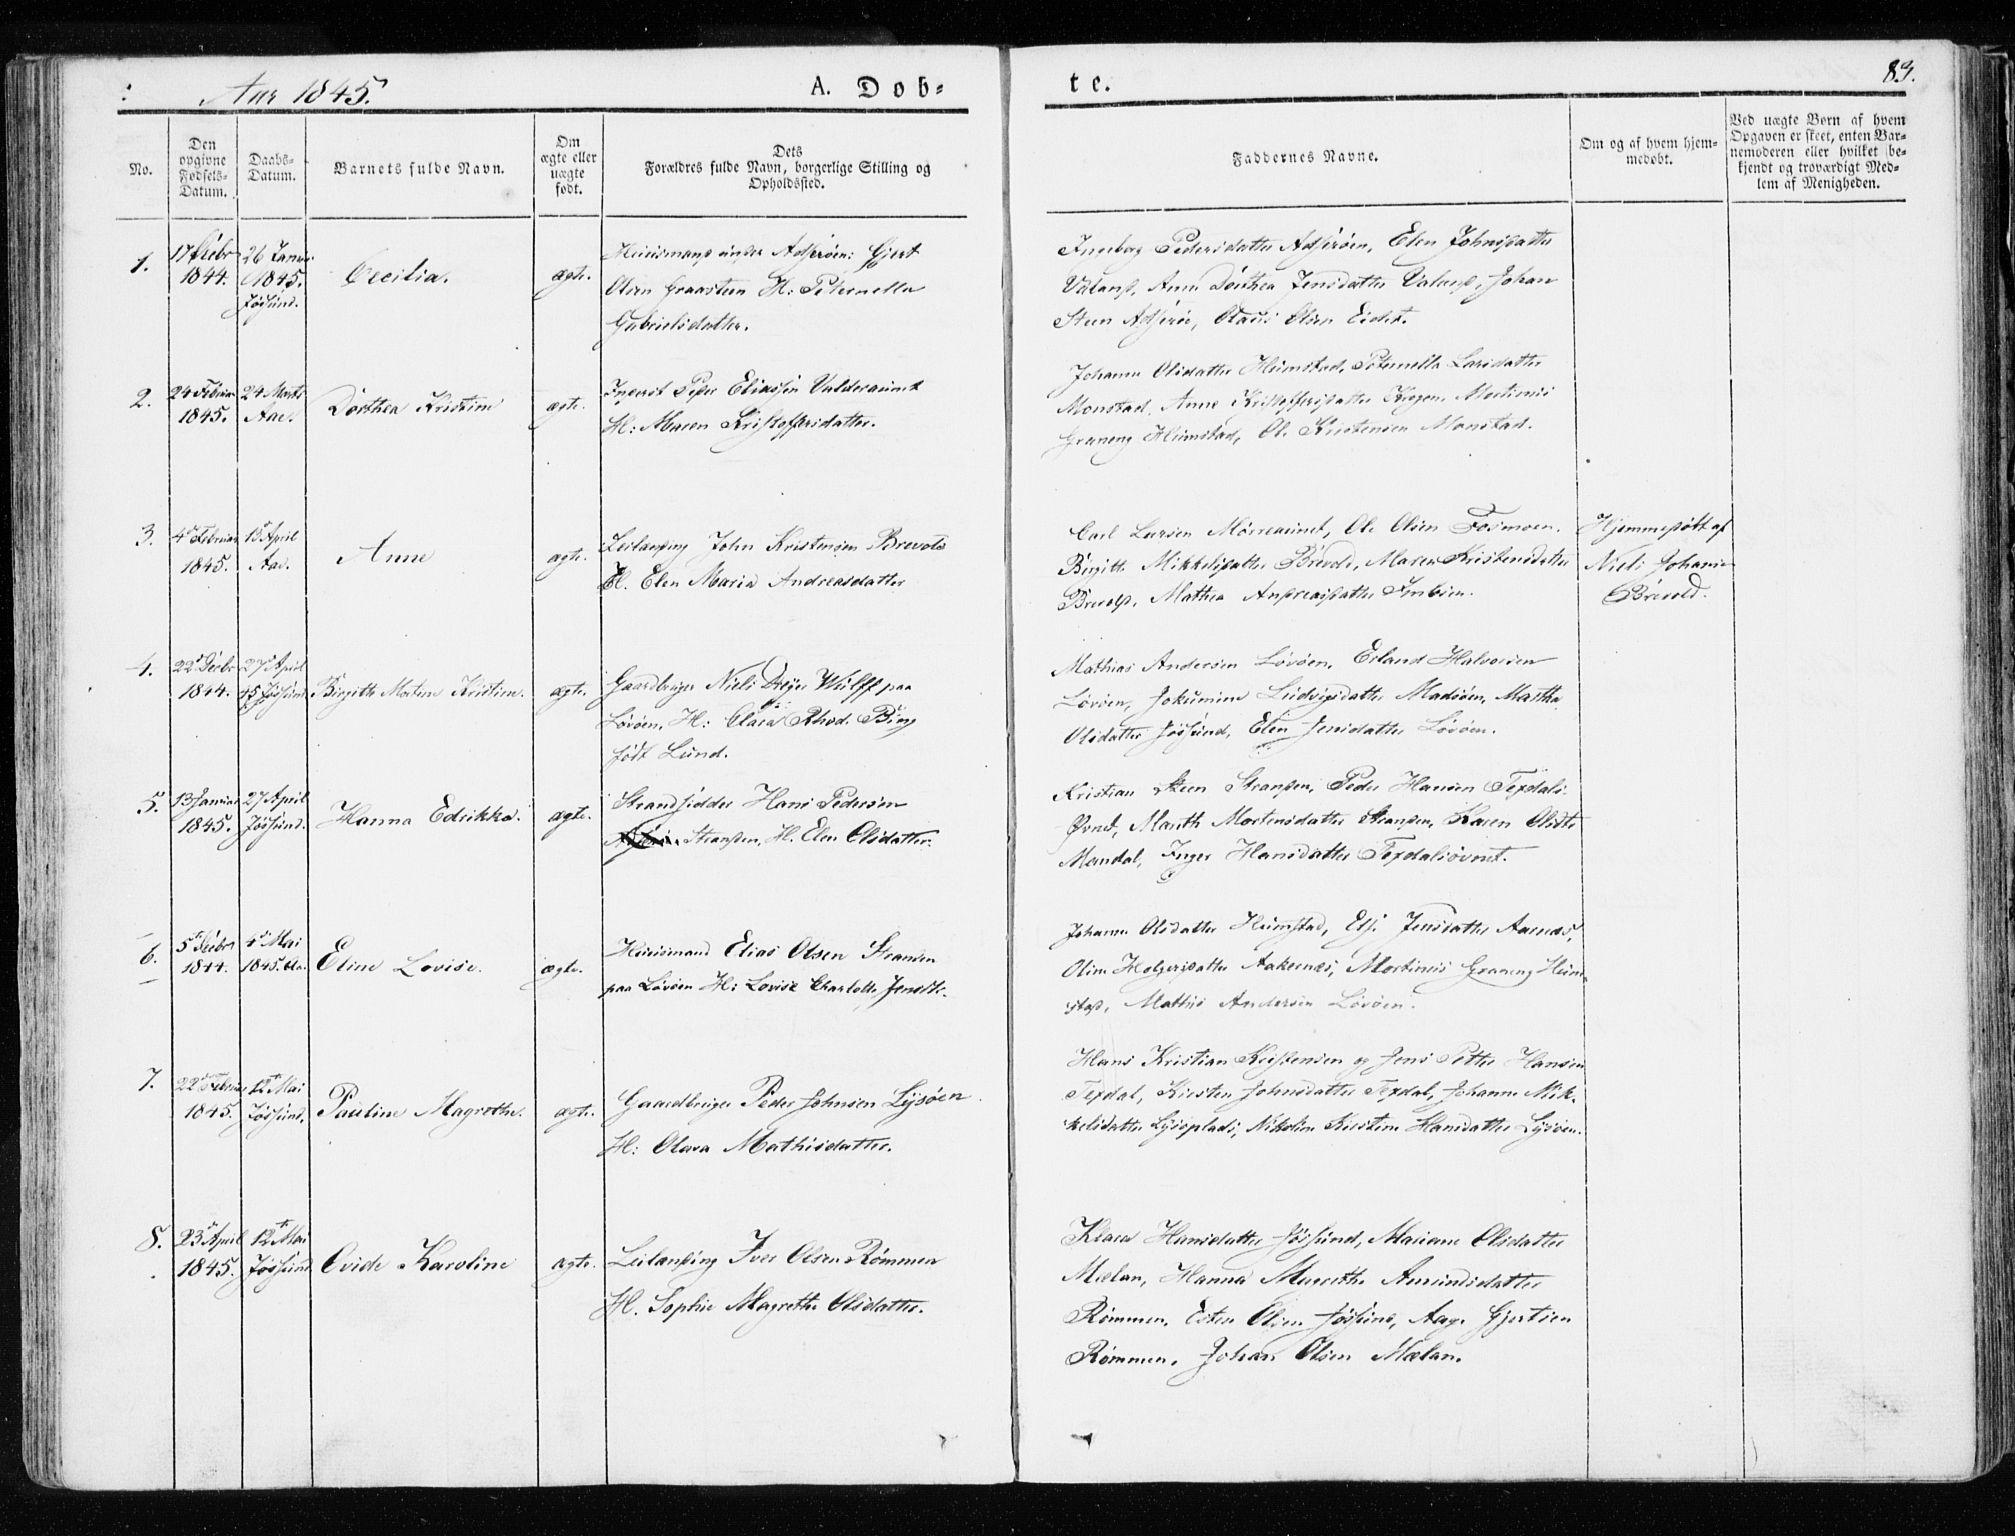 SAT, Ministerialprotokoller, klokkerbøker og fødselsregistre - Sør-Trøndelag, 655/L0676: Ministerialbok nr. 655A05, 1830-1847, s. 83